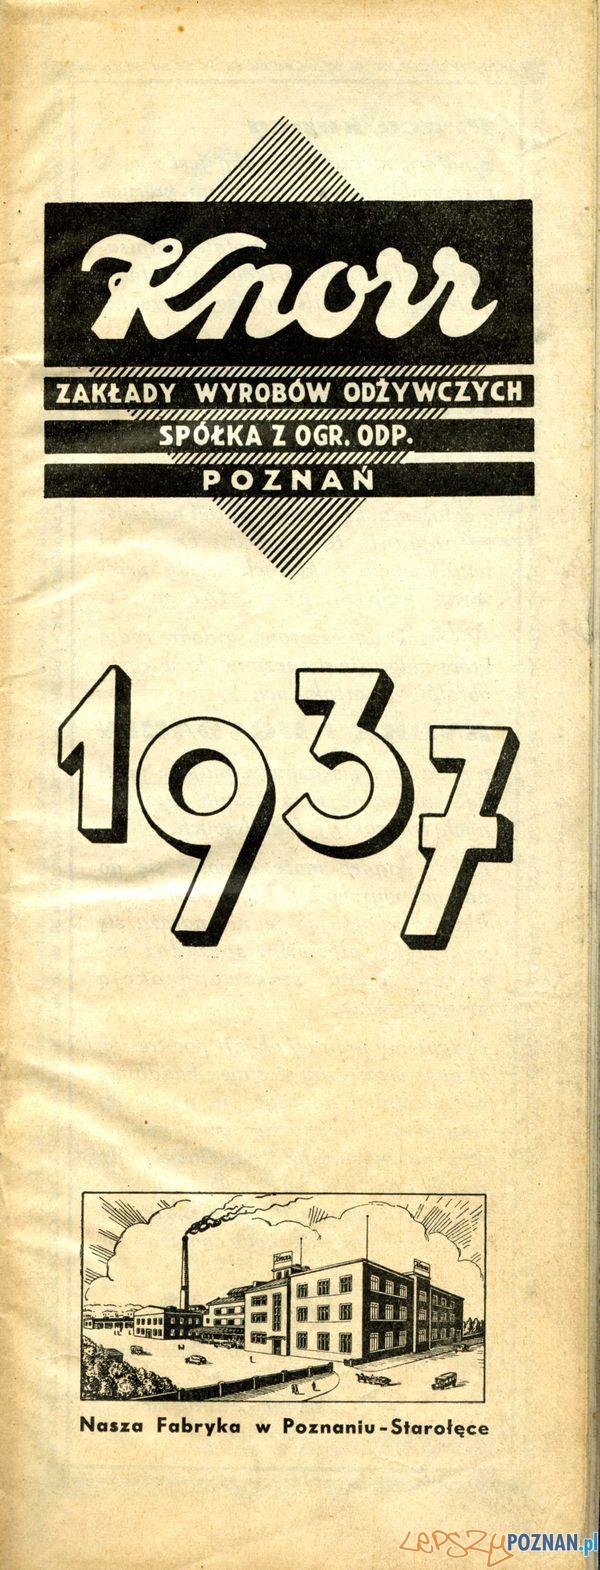 Knorr Starołęcka 42, 1937  Foto: Muzeum Narodowe w Poznaniu, wystawa Miejska ikonosfera na drukach reklamowych z widokami Poznania 18